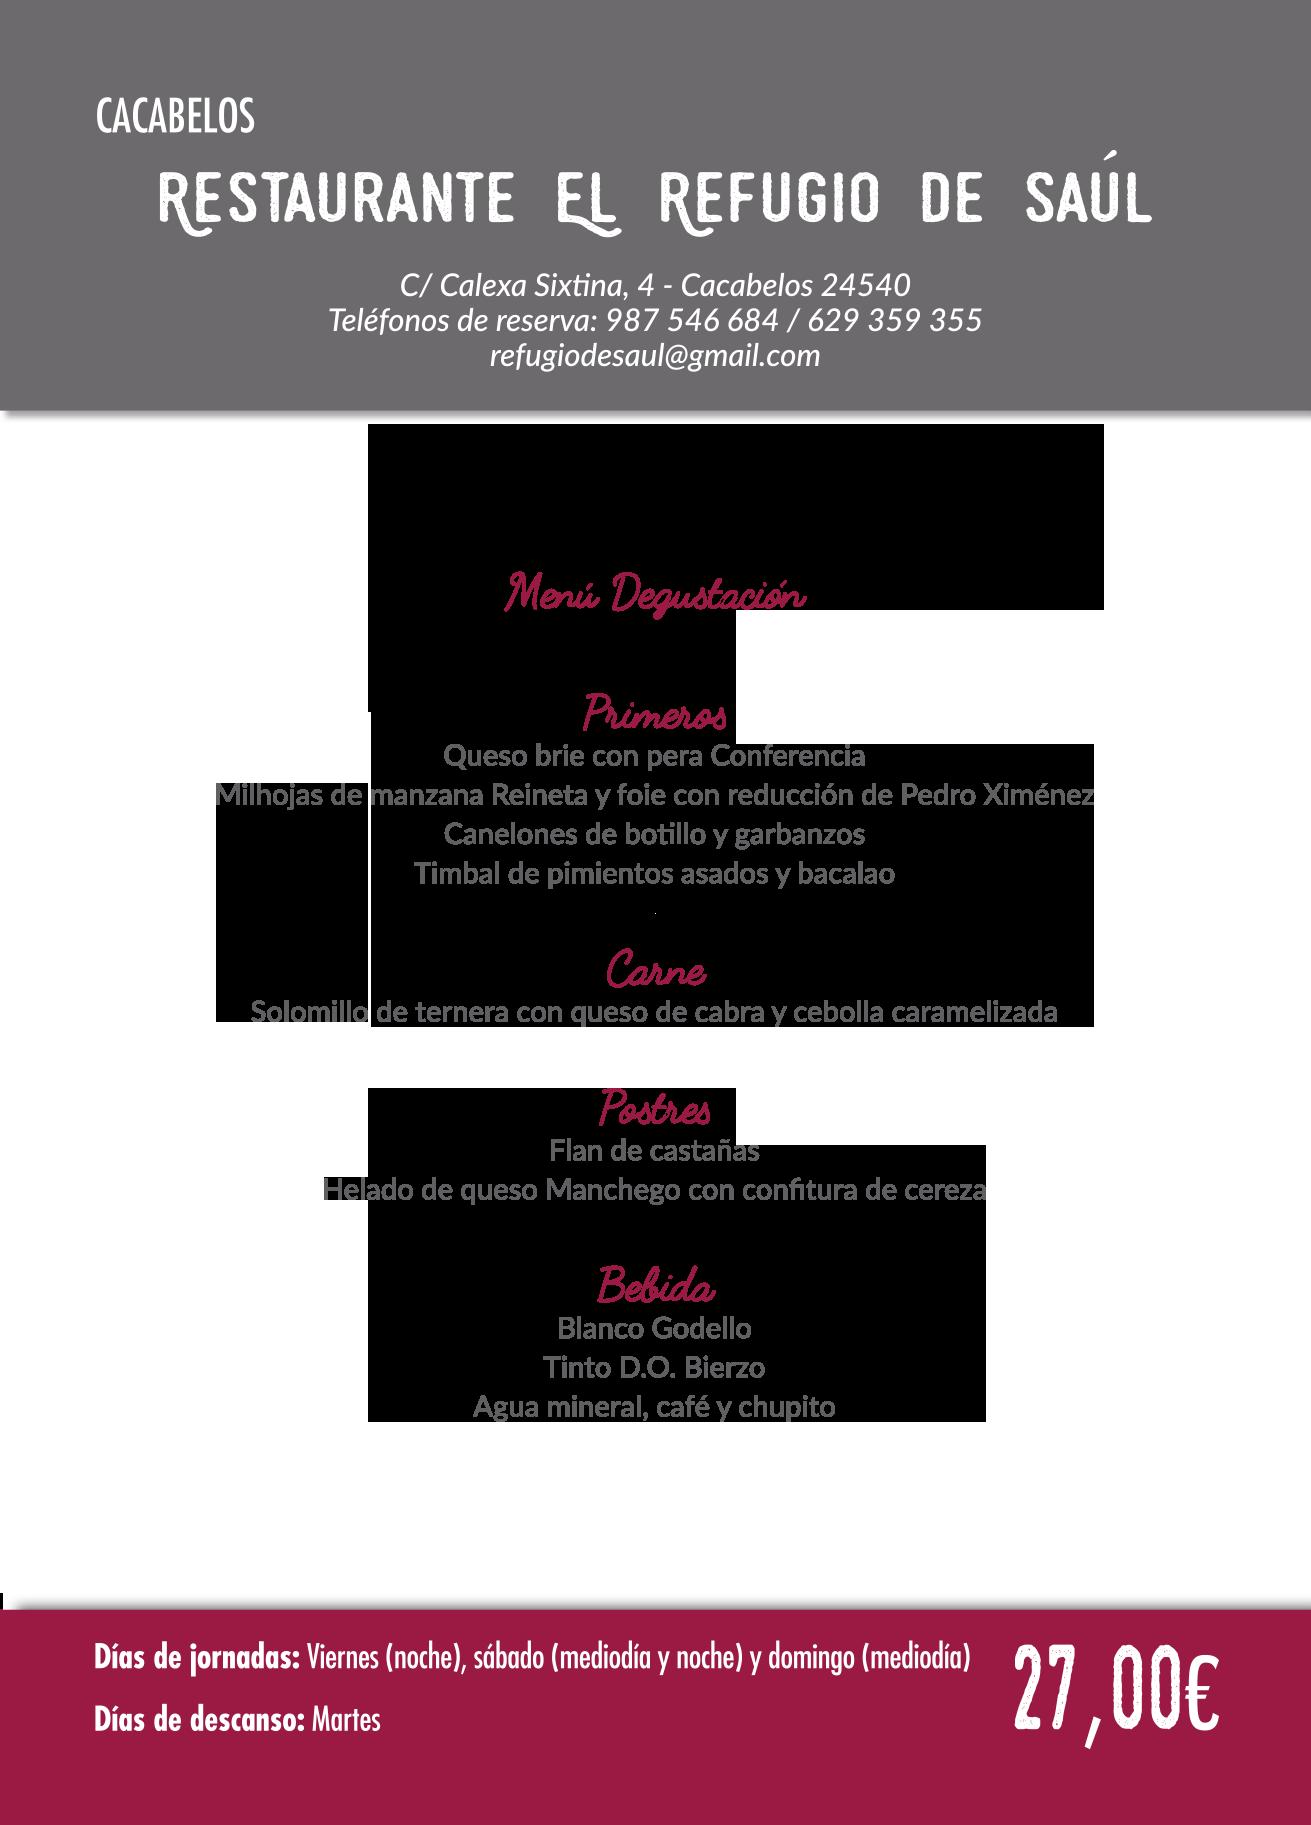 Las Jornadas Gastronómicas del Bierzo llegan a su 35 edición. Consulta los menús de esta edición 24